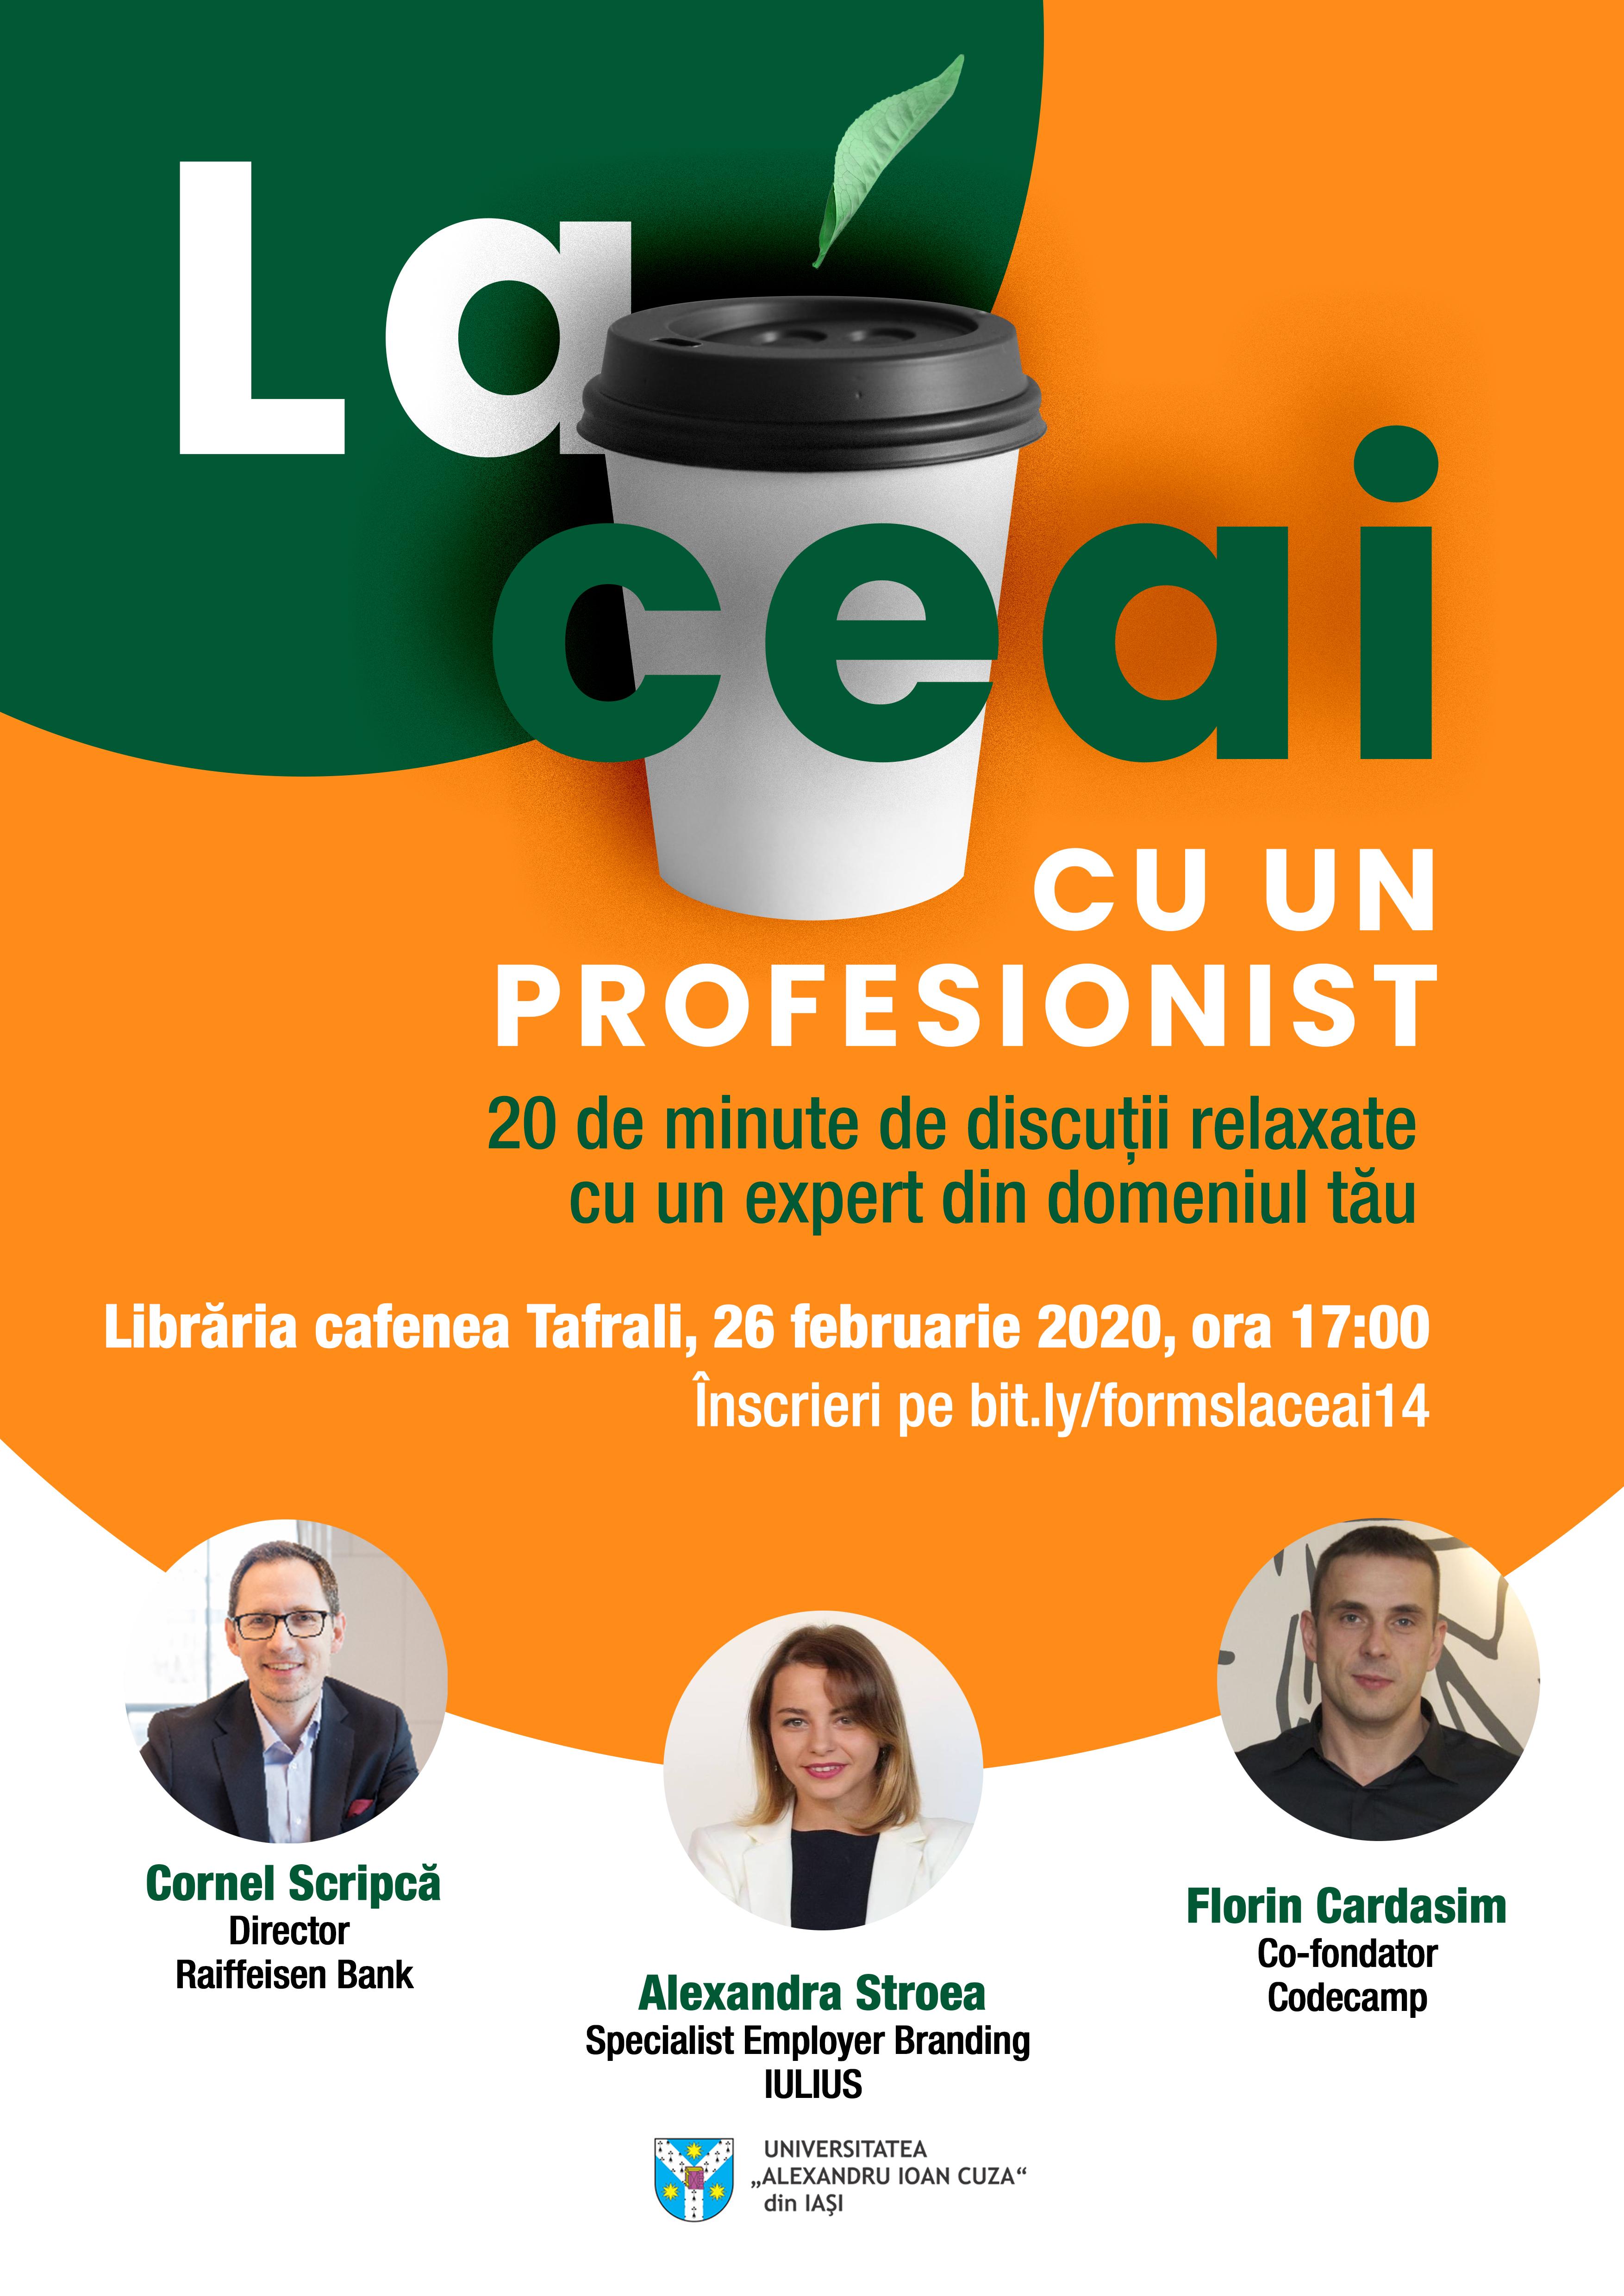 AFIS LA CEAI CU UN PROFESIONIST – FEB 2020